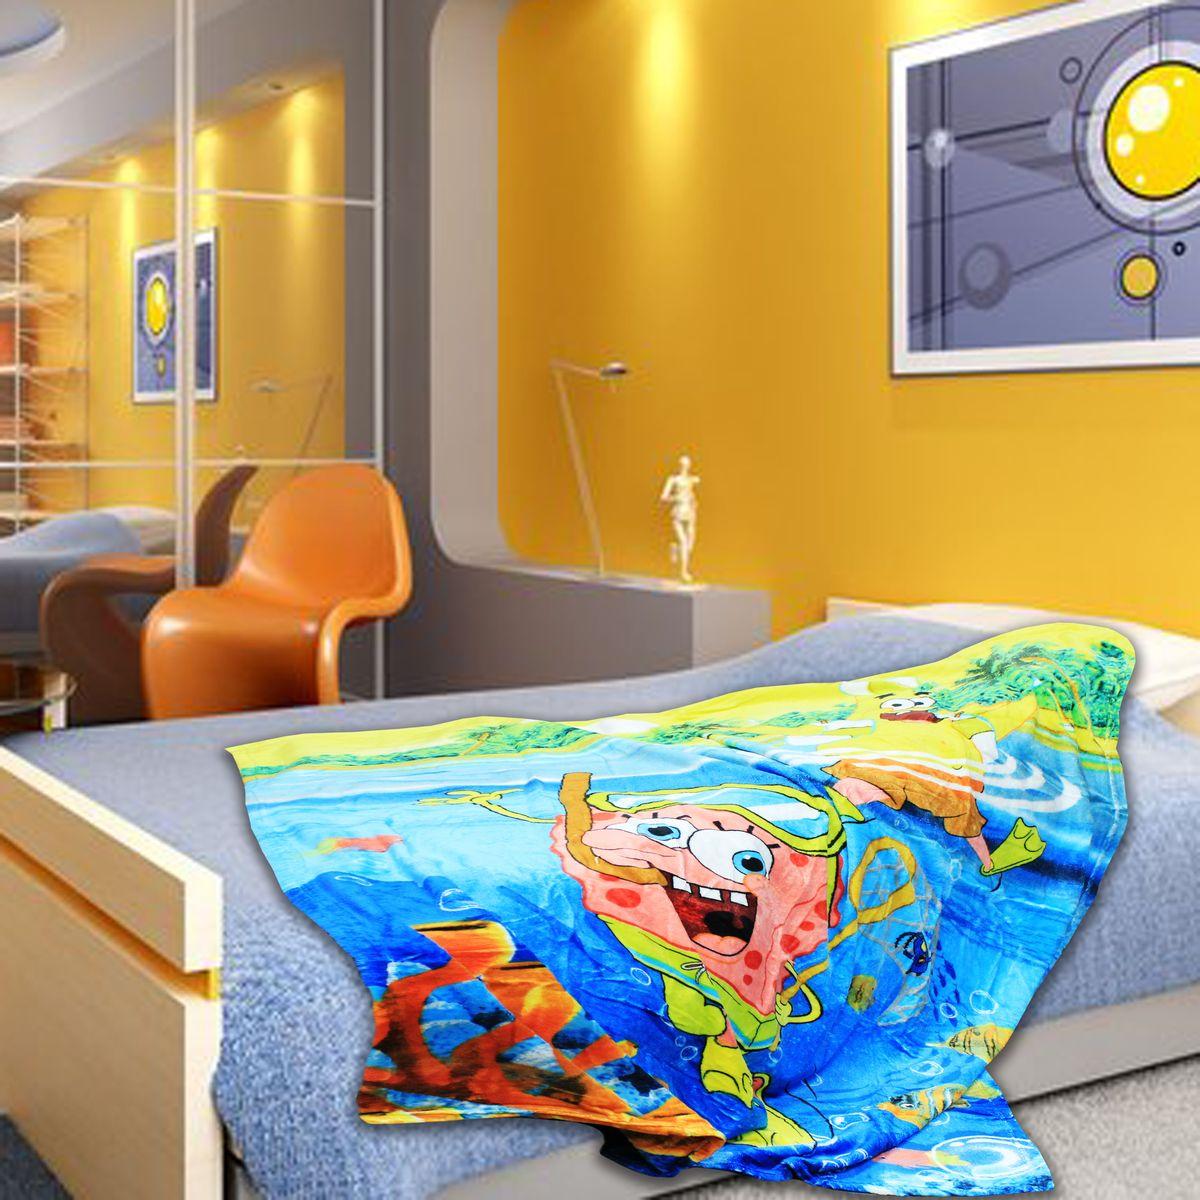 TexRepublic Плед Absolute Spongebob цвет голубой желтый 127 х 152 см106-026Детский плед TexRepublic Absolute: Spongebob согреет вашего малыша в любое время года, а яркие цвета долгое время будут радовать его.Пледы из микрофибры обладают уникальными свойствами – они быстро высыхают после стирки, гипоаллергенные, гигиеничные (не поглощают влагу и грязь). Повышенная практичность: не линяют, не электризуются и не мнутся, не скатываются, не оставляют после себя волокон, прочные и эластичные. Плед оформлен красочным принтом.